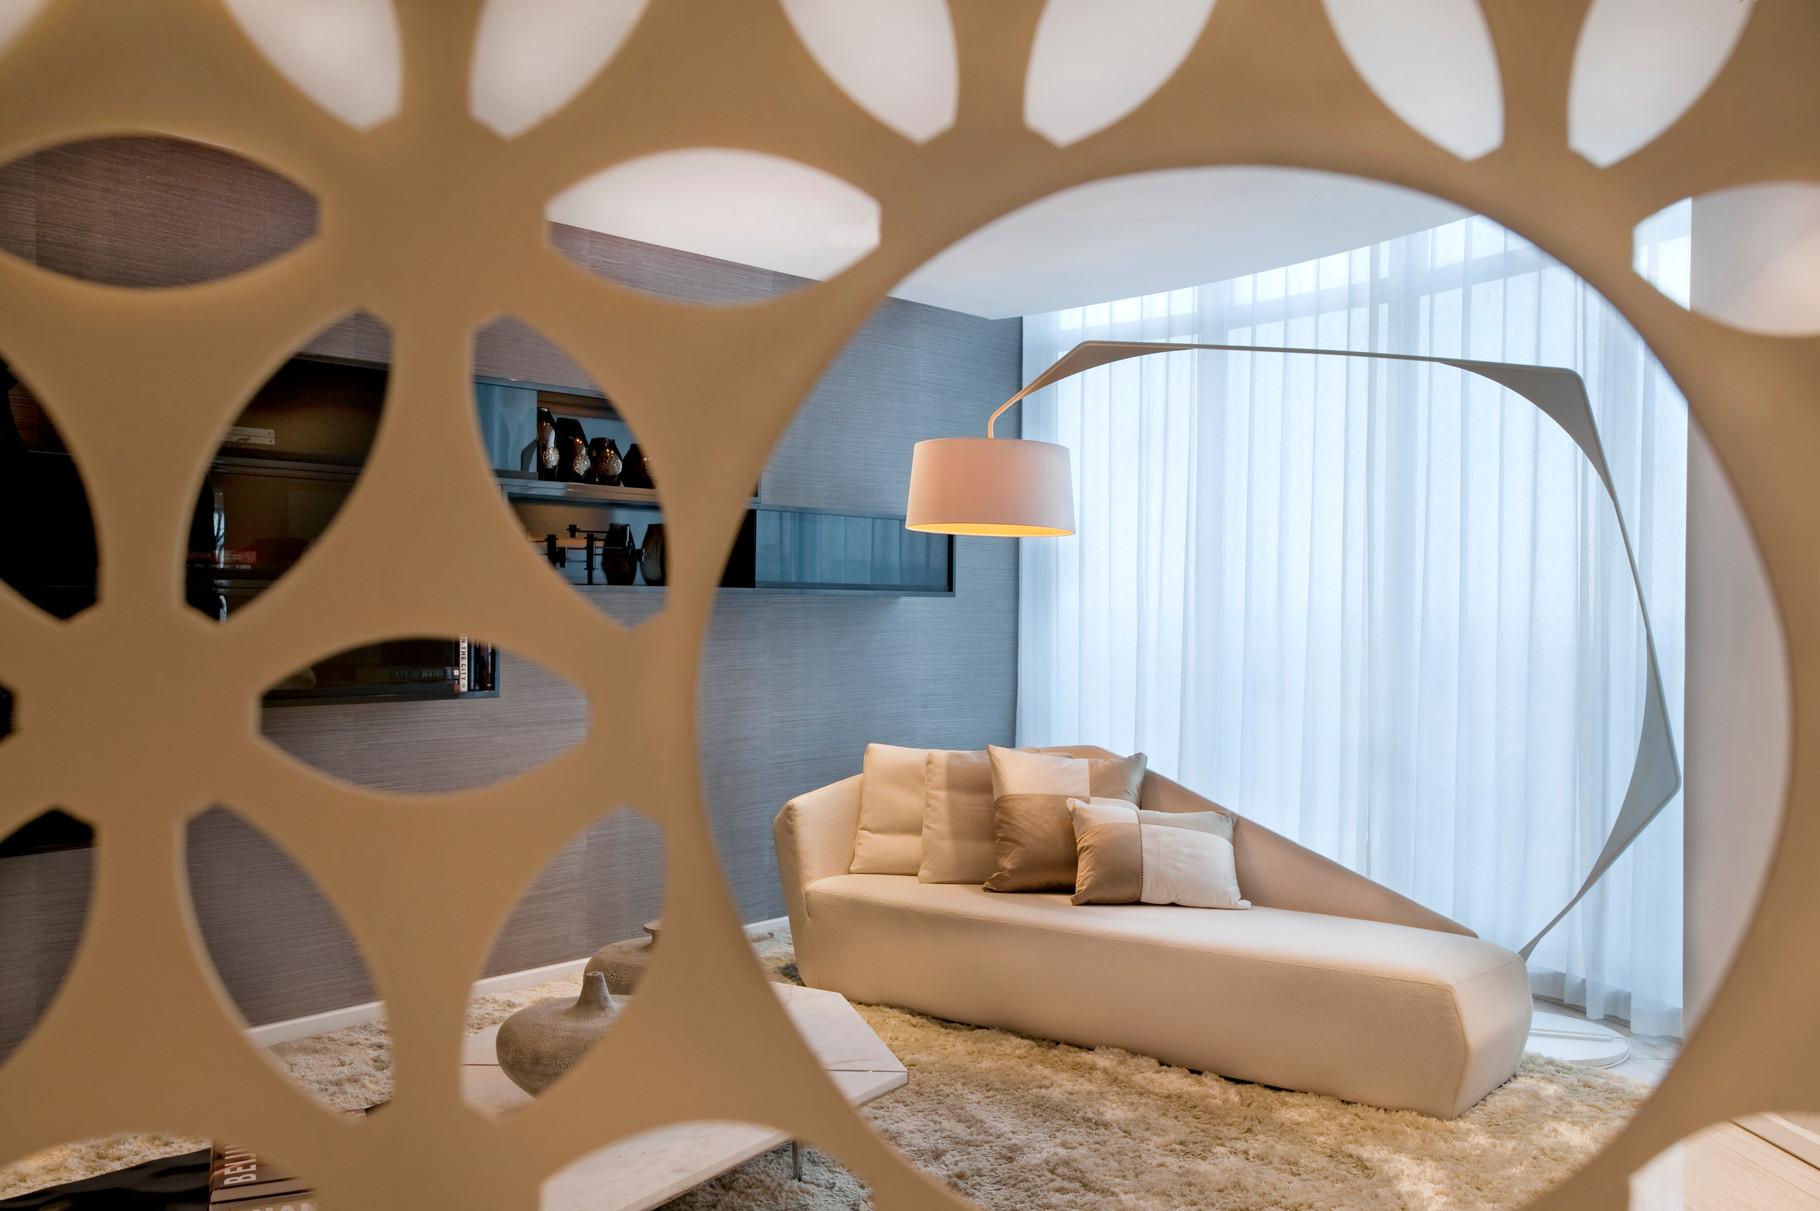 Full Size of Designer Lampen Bad Deckenlampen Wohnzimmer Modern Esstisch Regale Badezimmer Küche Led Für Betten Schlafzimmer Wohnzimmer Designer Lampen